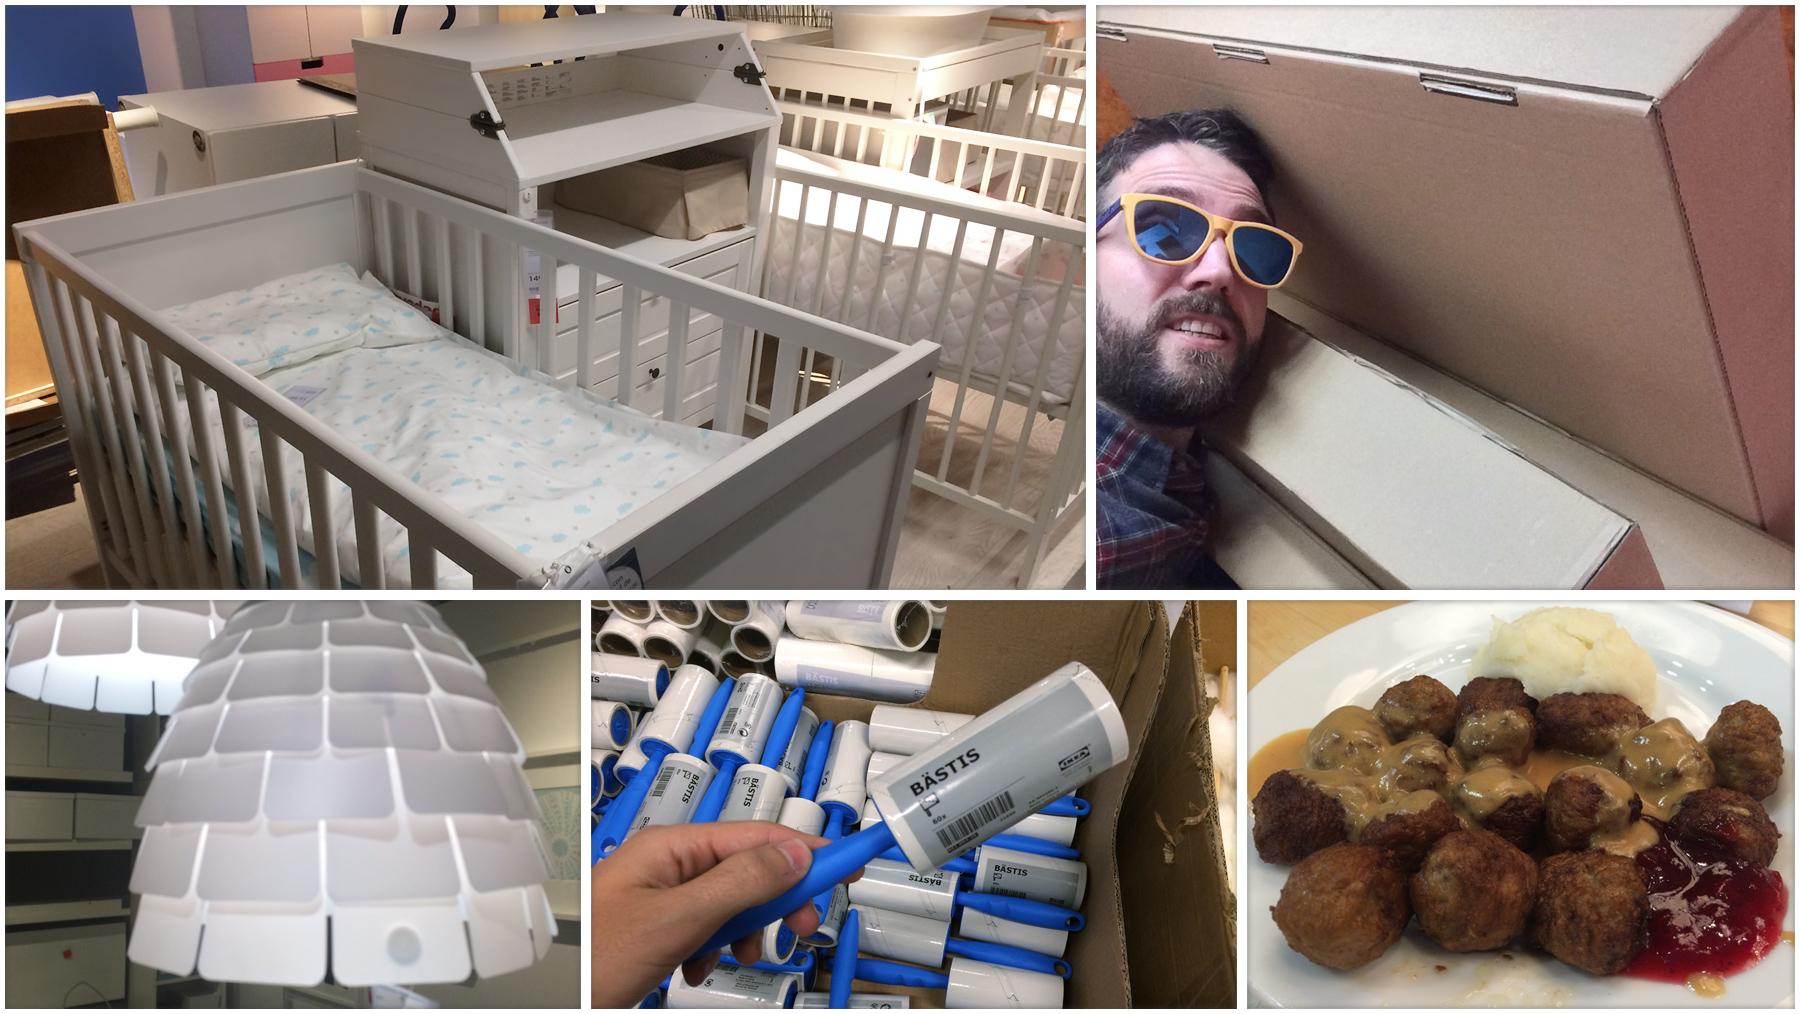 Vuelve de IKEA vivo y con dinero